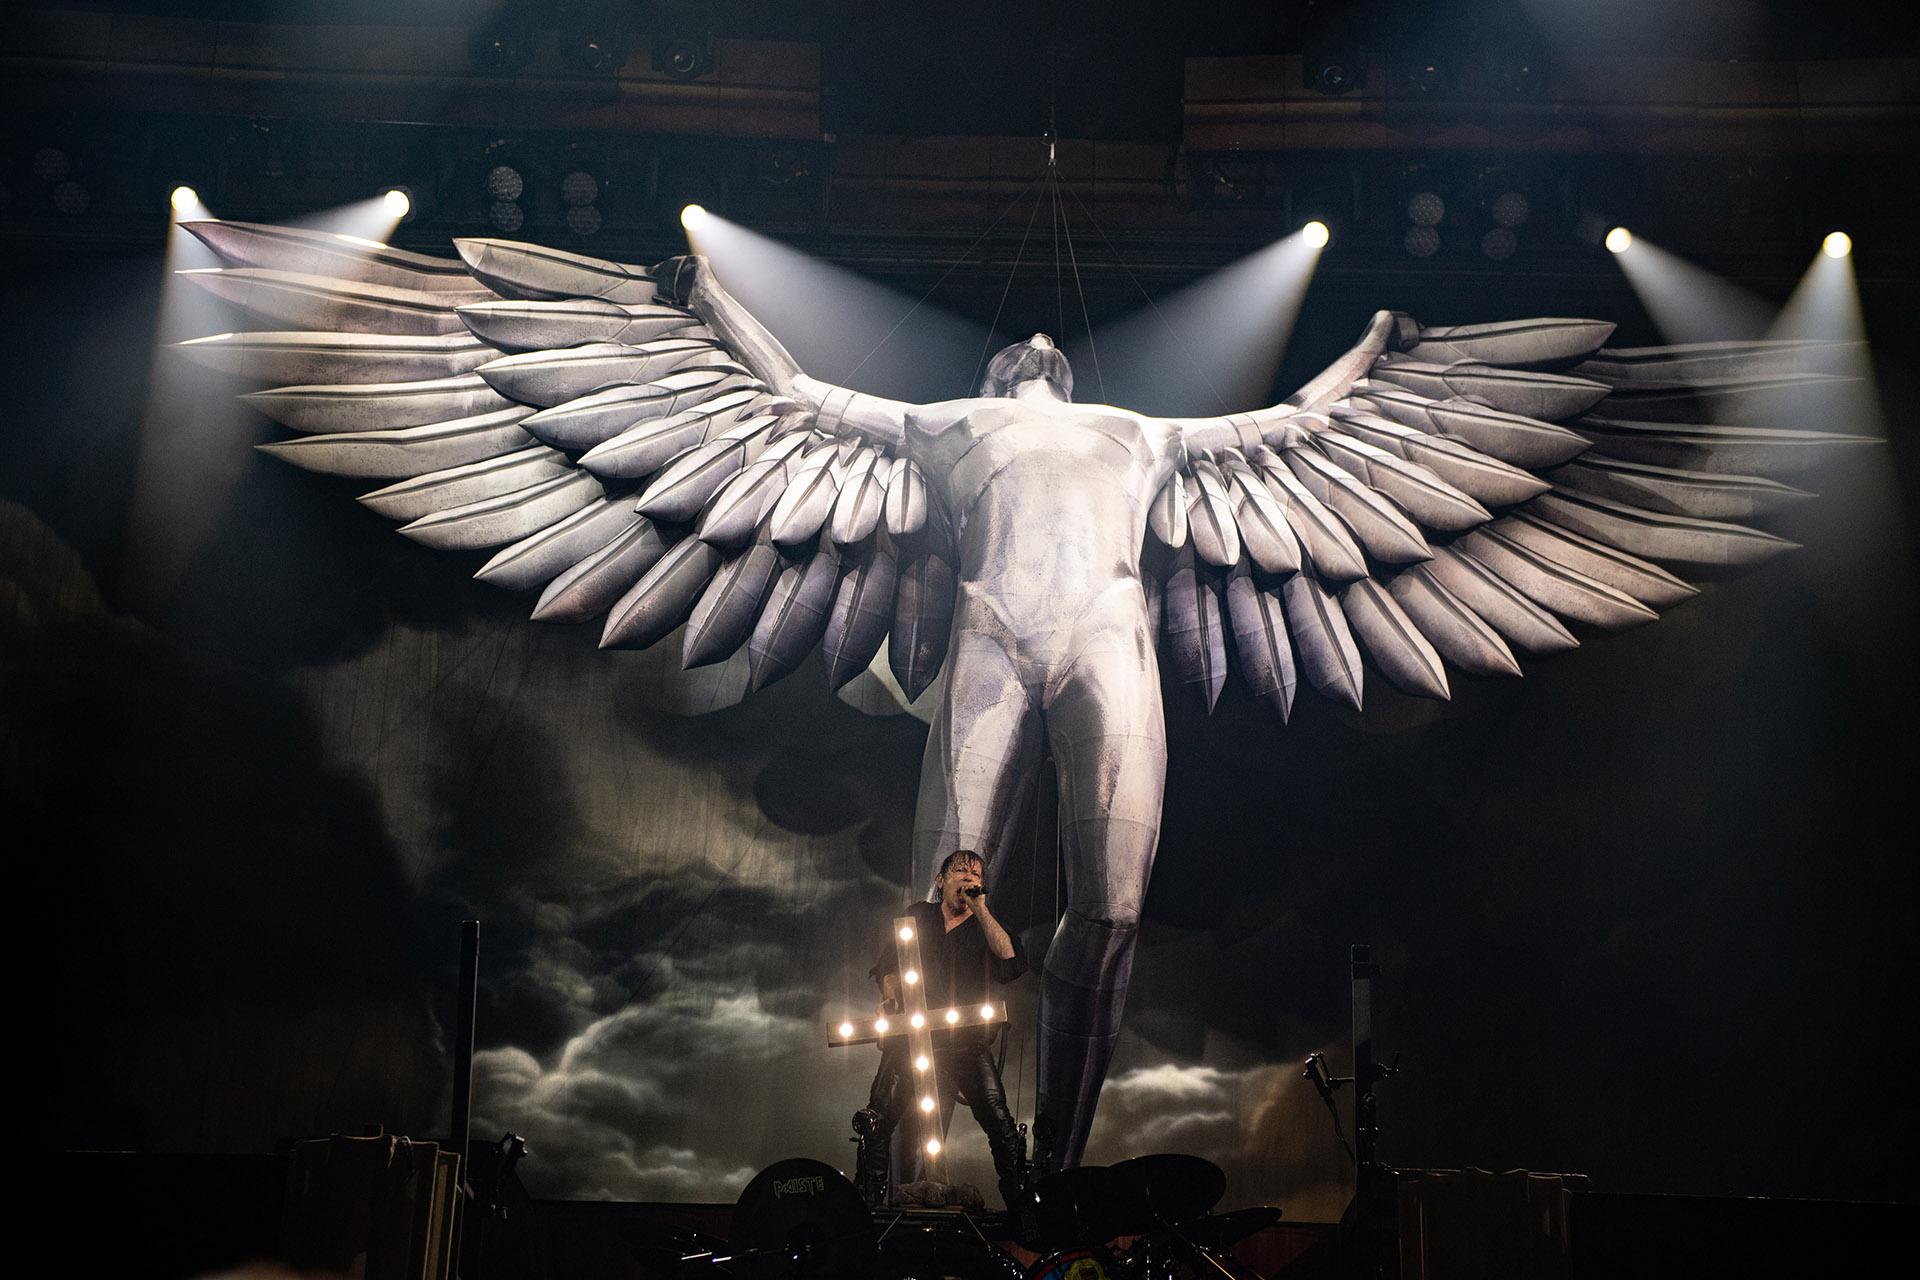 Iron Maiden: EPTC divulga trânsito e transporte para show na Arena